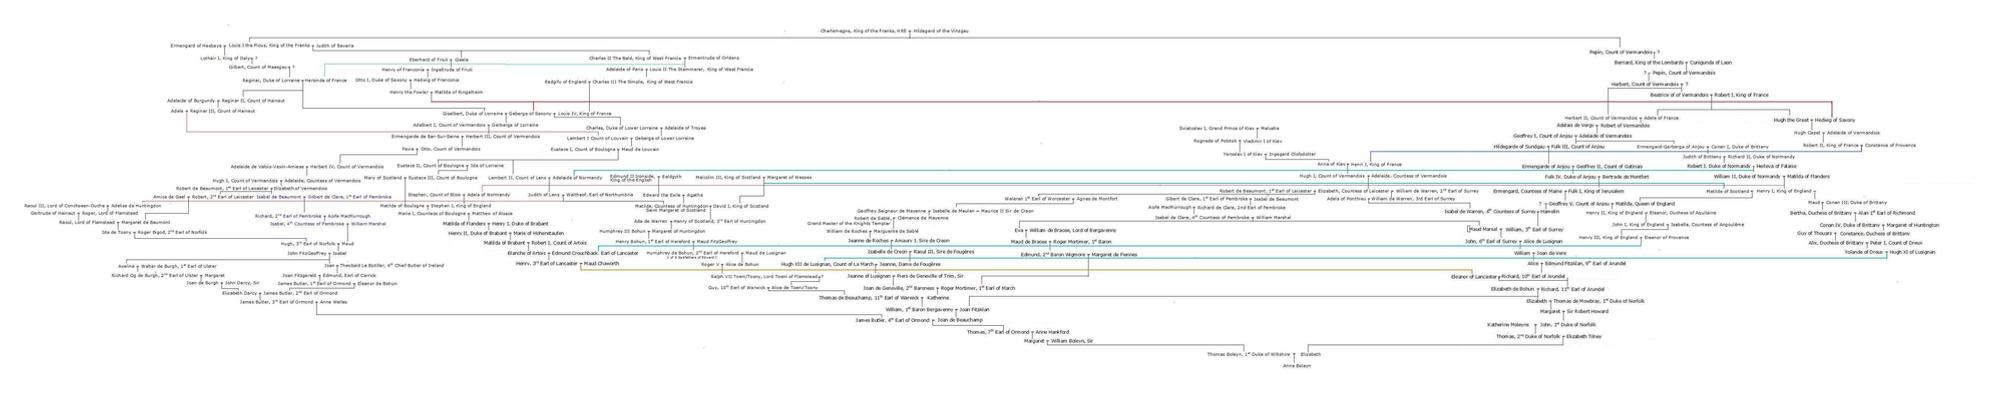 Anne Boleyn Family Tree, Part 2 by TFfan234